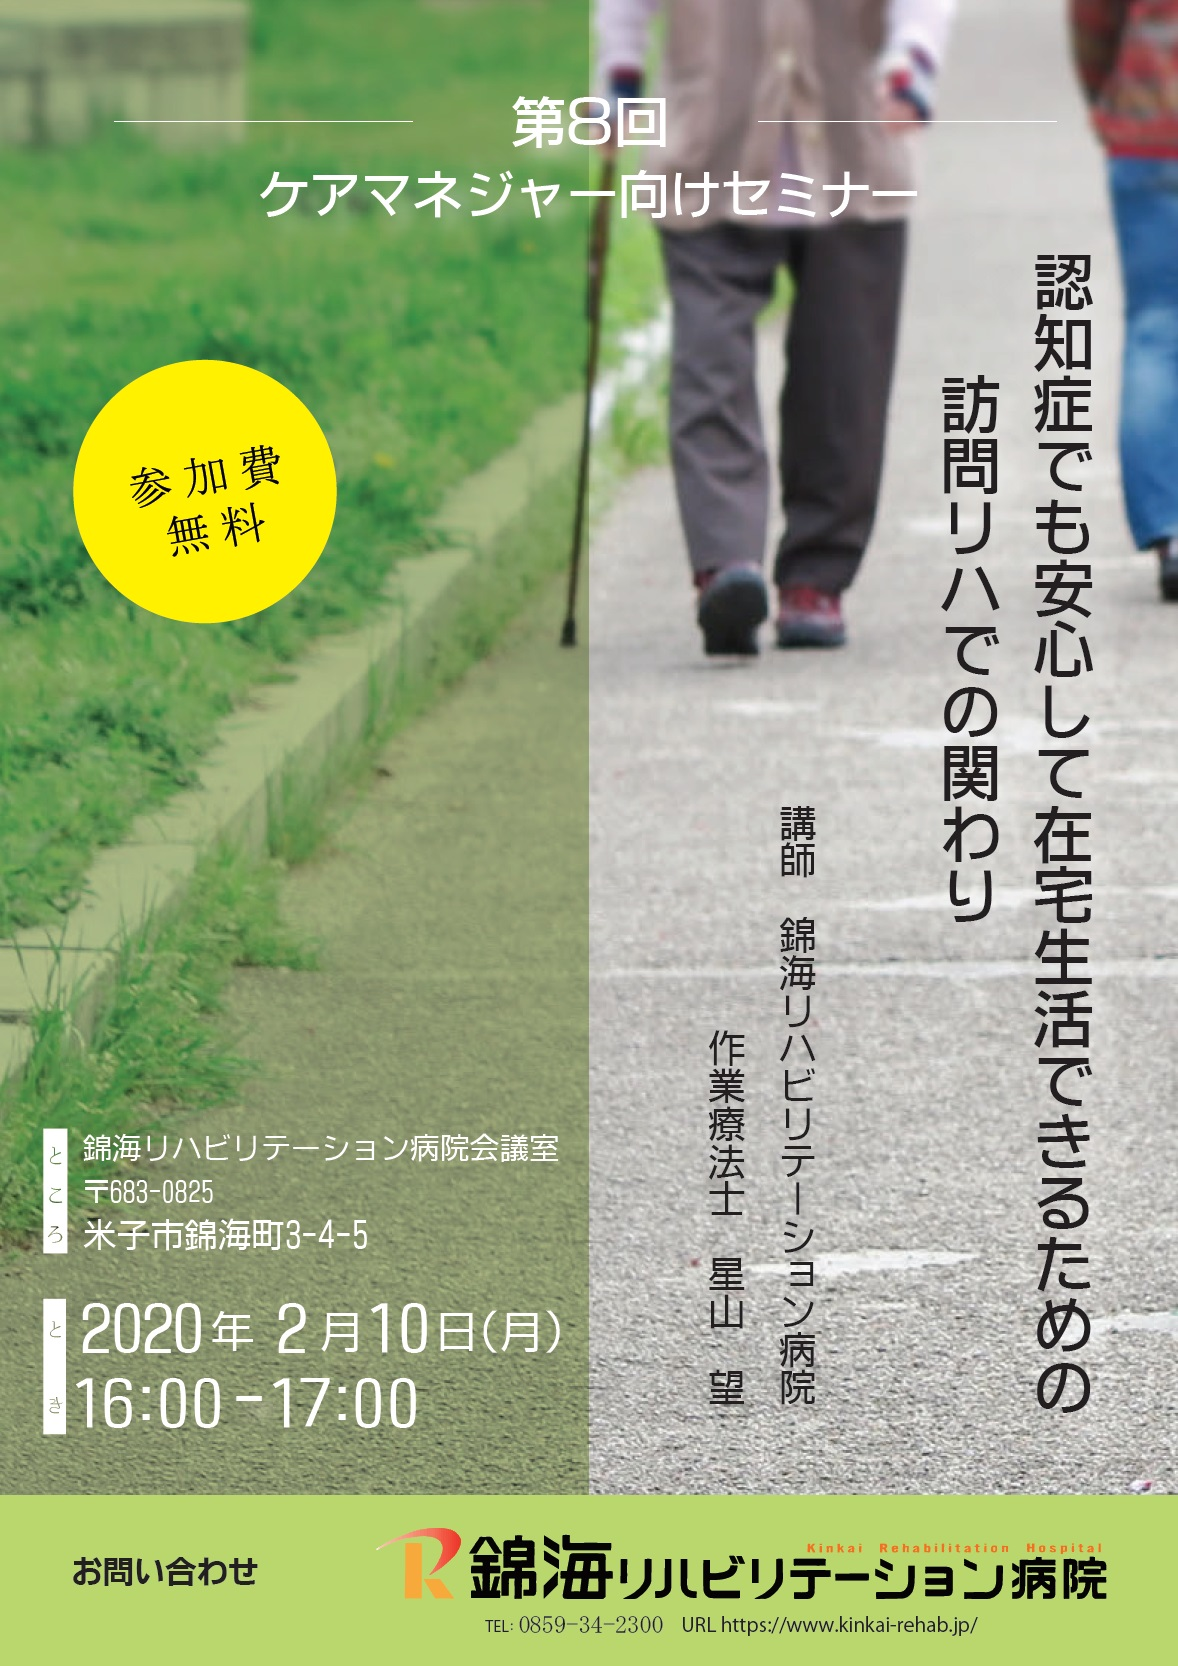 第8回ケアマネジャー向けセミナー(錦海リハビリテーション病院)